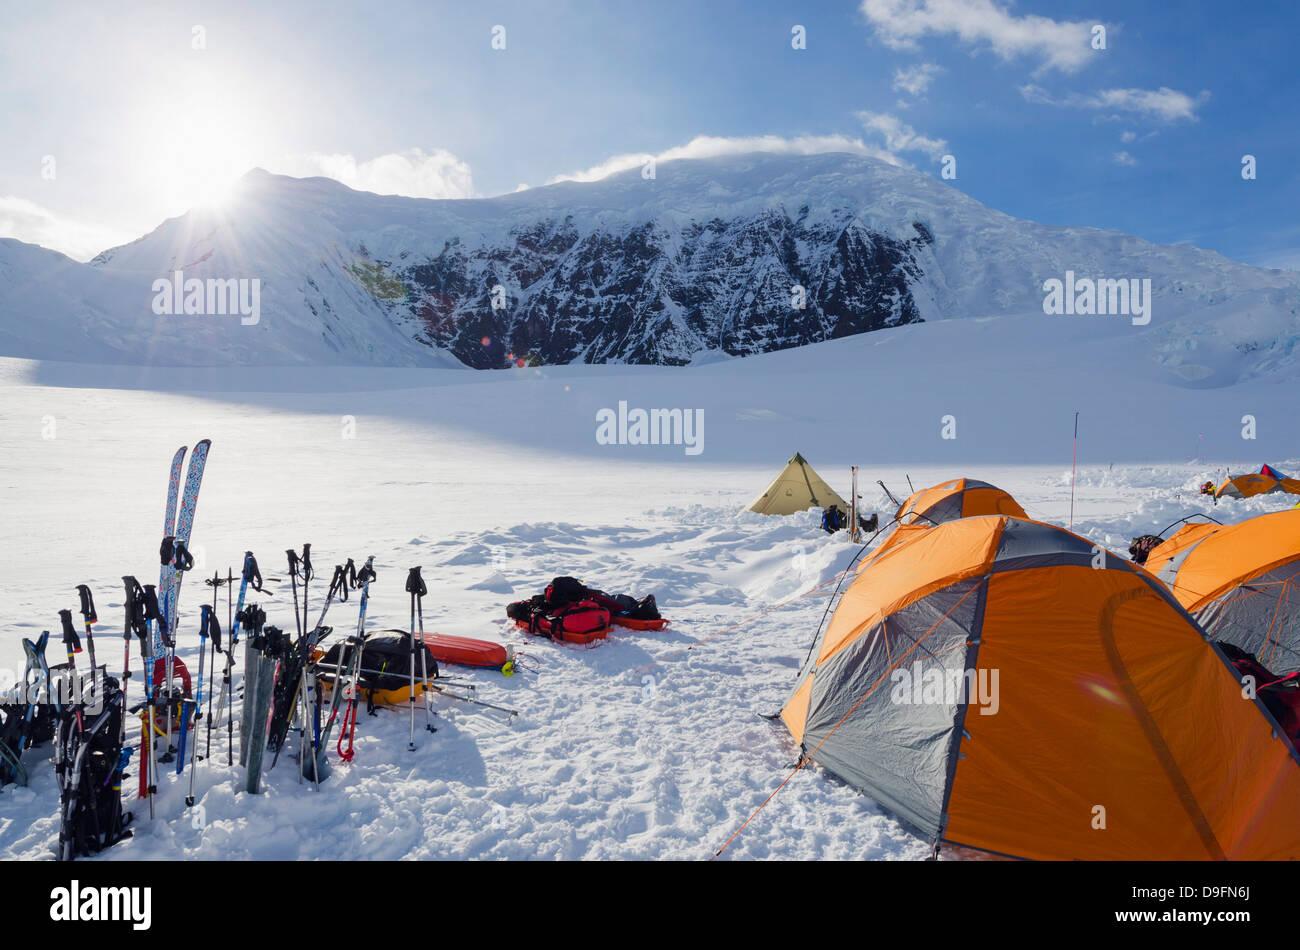 Camp 1, climbing expedition on Mount McKinley, 6194m, Denali National Park, Alaska, USA - Stock Image